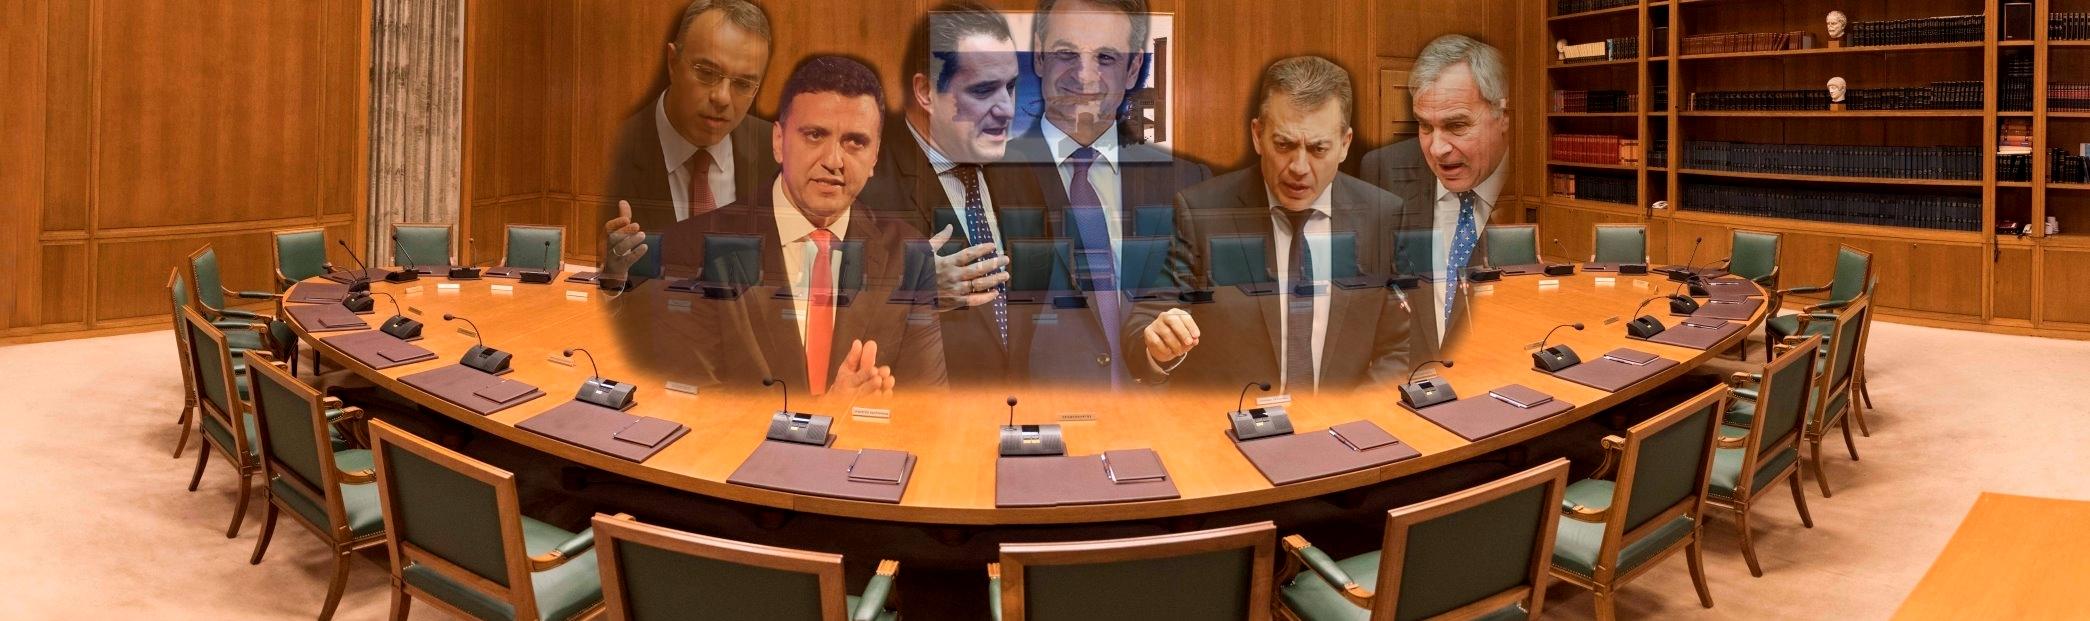 Οι 100 πρώτες μέρες της κυβέρνησης – Αυτή είναι η βαθμολογία του α΄ τριμήνου για τους υπουργούς